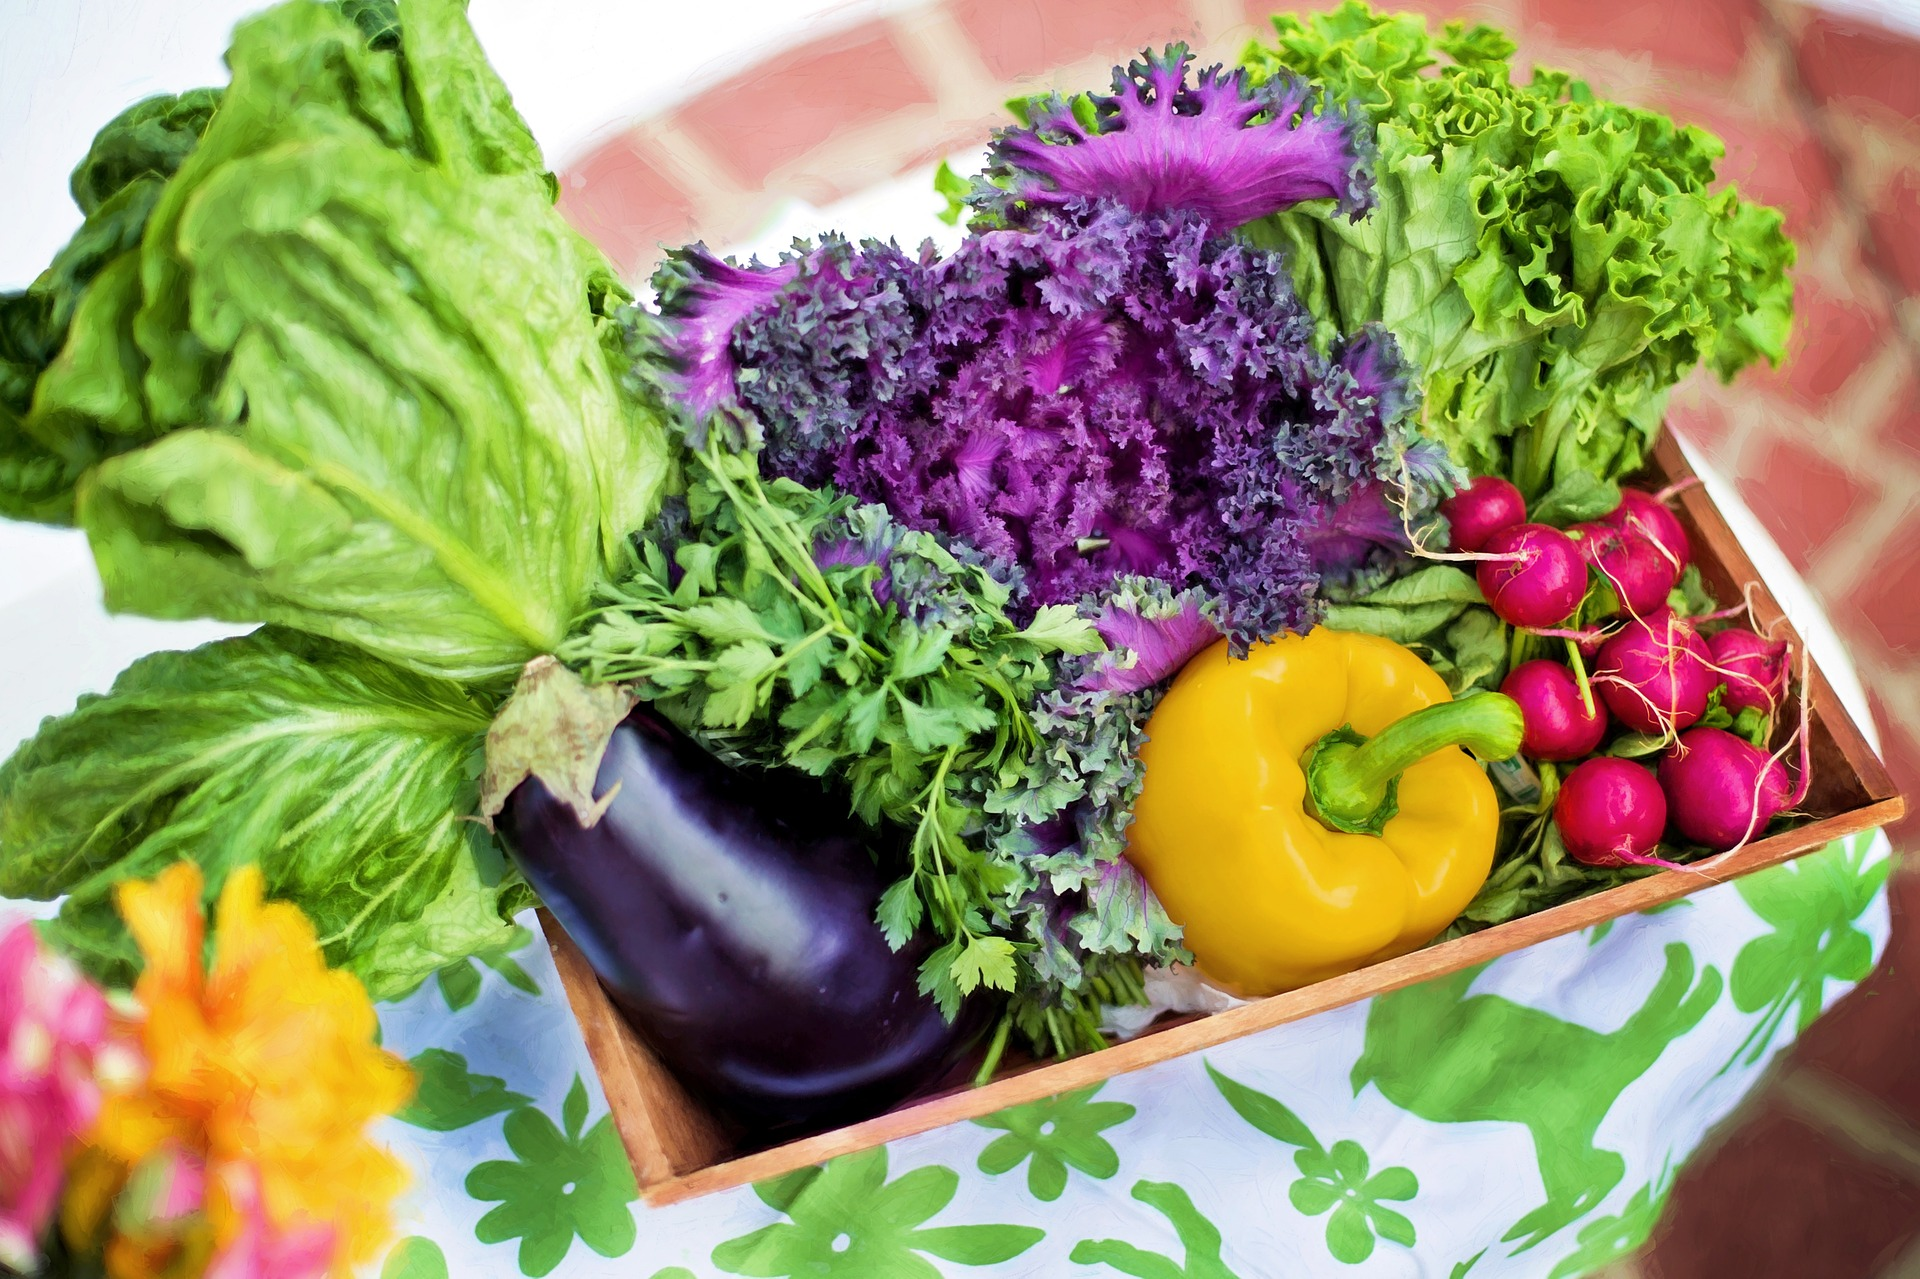 Ravinto-valmennus - Pysyviä muutoksia - oli sitten tavoitteena painonhallinta, kiinteytyminen, liikunnan ja ravinnon yhdistäminen tai terveempi elämä, jossa jaksat arjessa paremmin. Autan sinua saavuttamaan unelmiesi vartalon tai lisäämään suorituskykyäsi.Tasapainoinen ja tavoitteitasi tukeva ruokavalio on monipuolinen, joustava - ja hyvänmakuinen! Ravintovalmennuksessani siirrytään hallitusti pienillä arjen muutoksilla kohti niitä tavoitteita, jotka sinä olet asettanut.Valmennukset toteutetaan pääkaupunkiseudulla, mutta on mahdollista työskennellä myös etänä verkon yli.Ota yhteyttä ja lähde mukaan elämäsi muutokseen joka kestää. Kohta sinullakin on oikea asenne!